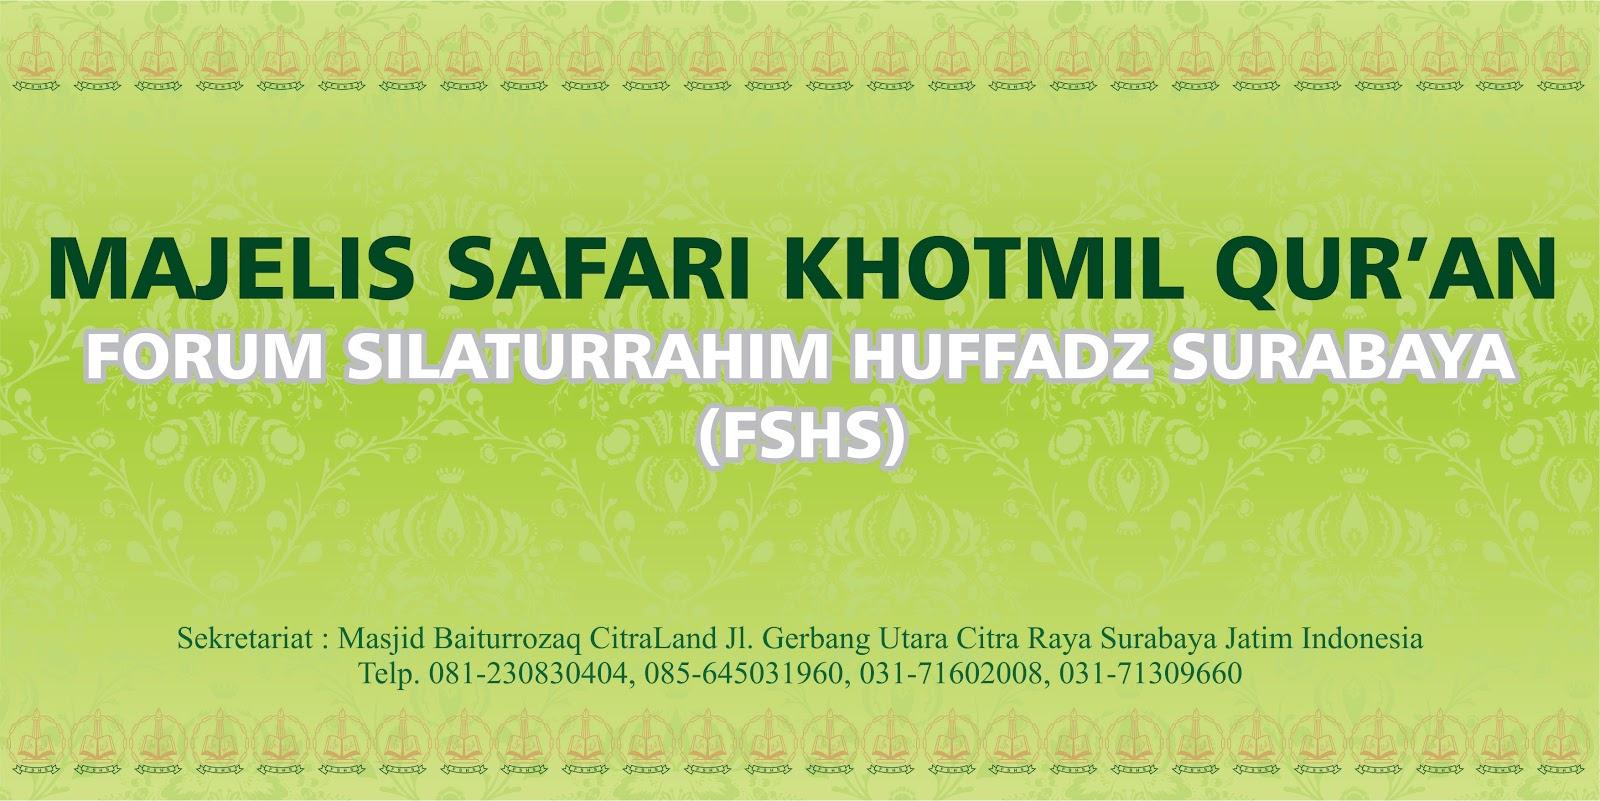 Ini Ana Uploadin Desain Banner Bentuk Corel Dari Even Forum Silaturrahmi Huhhafd Surabaya Penampakannya Seperti Ini Akhwan Akhwat